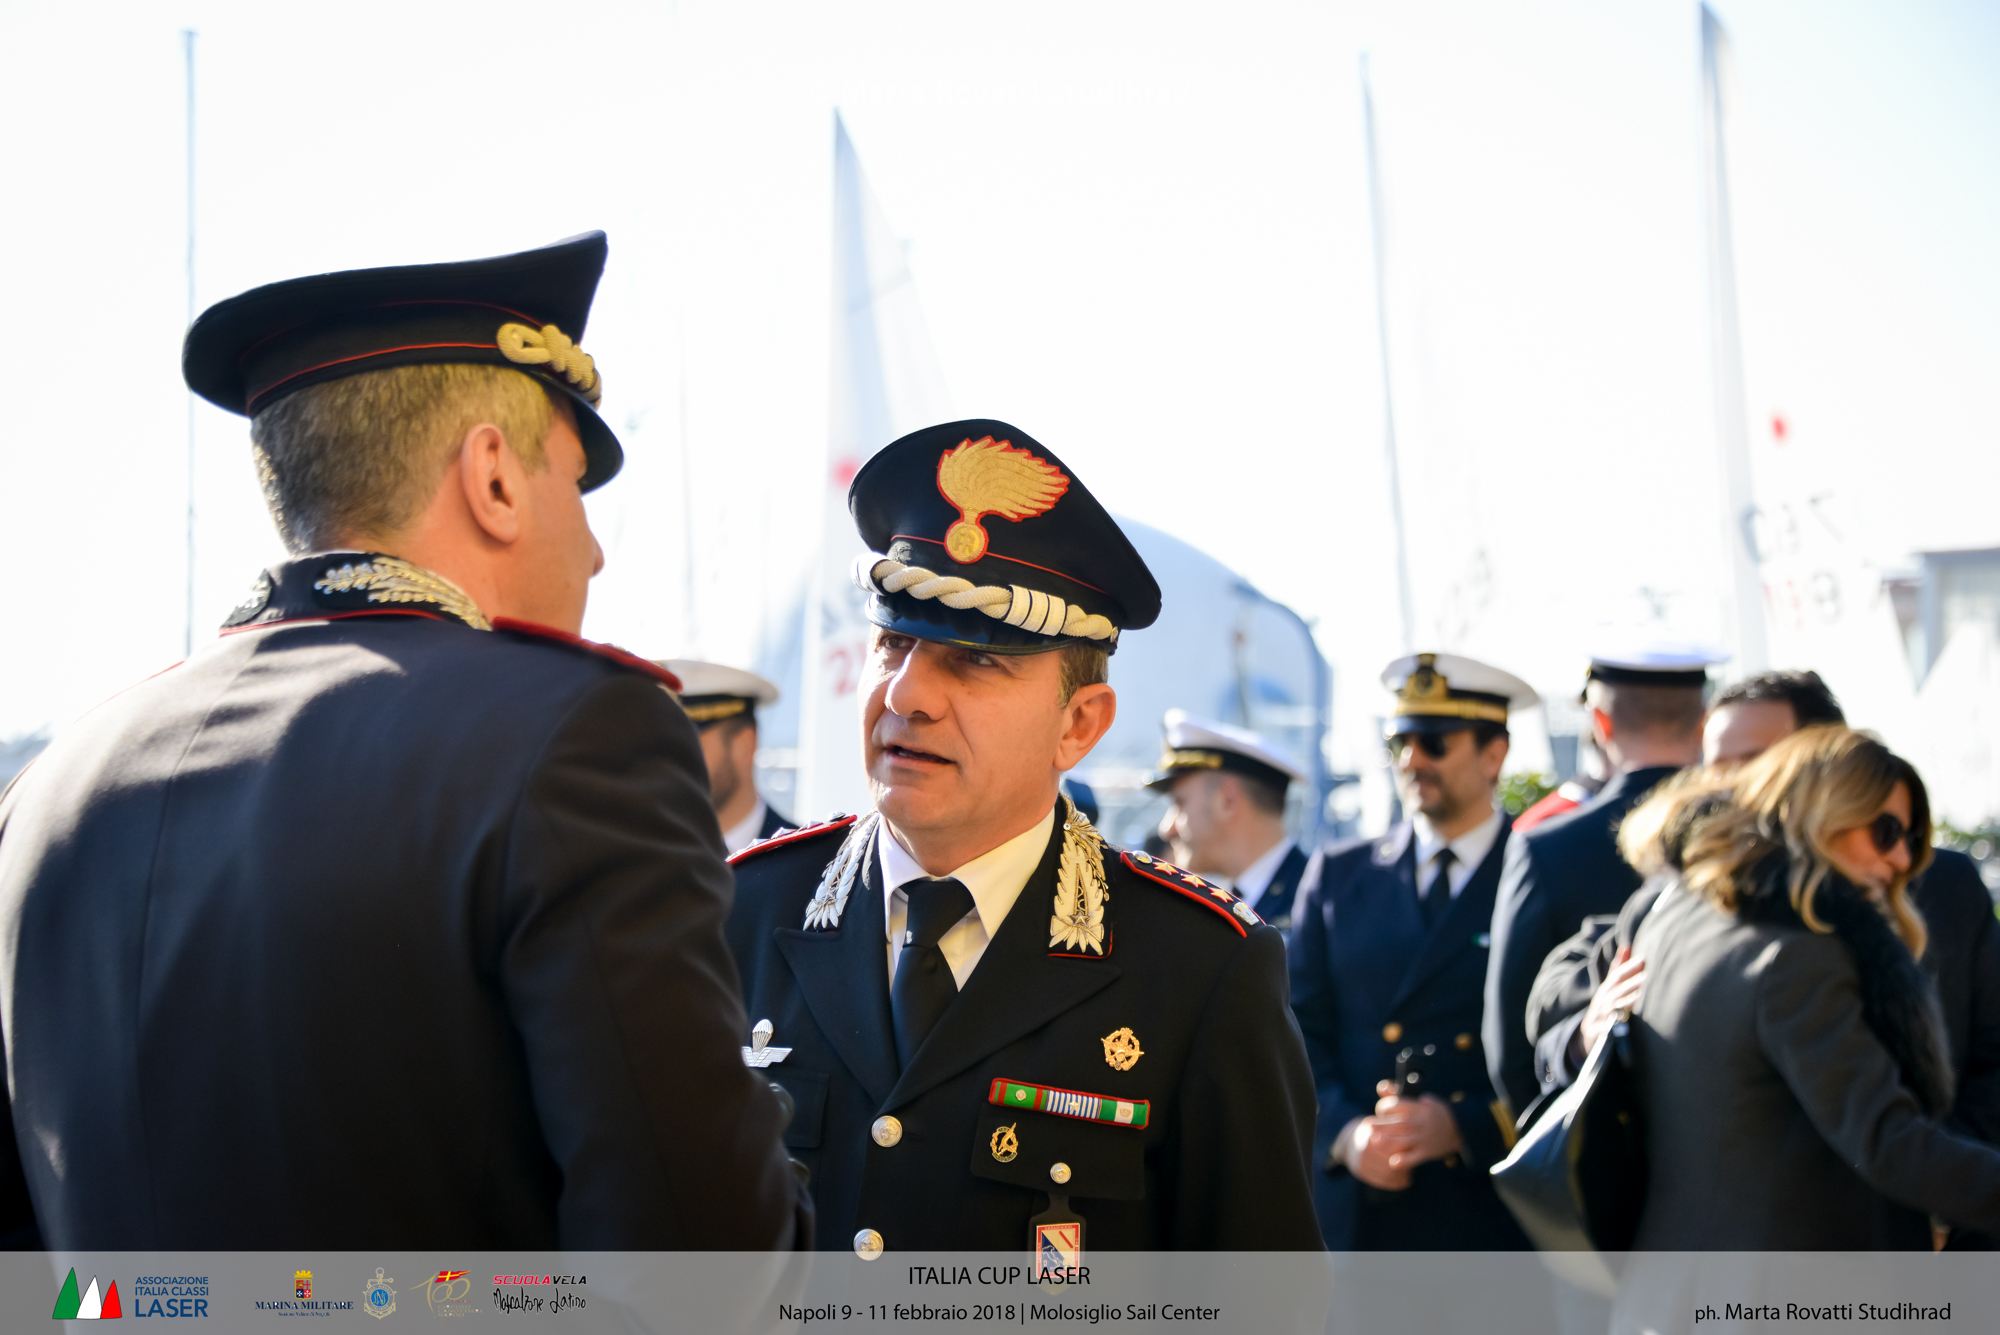 Associazione-Italia-Classi-Laser-2018-NapoliMGR_9412